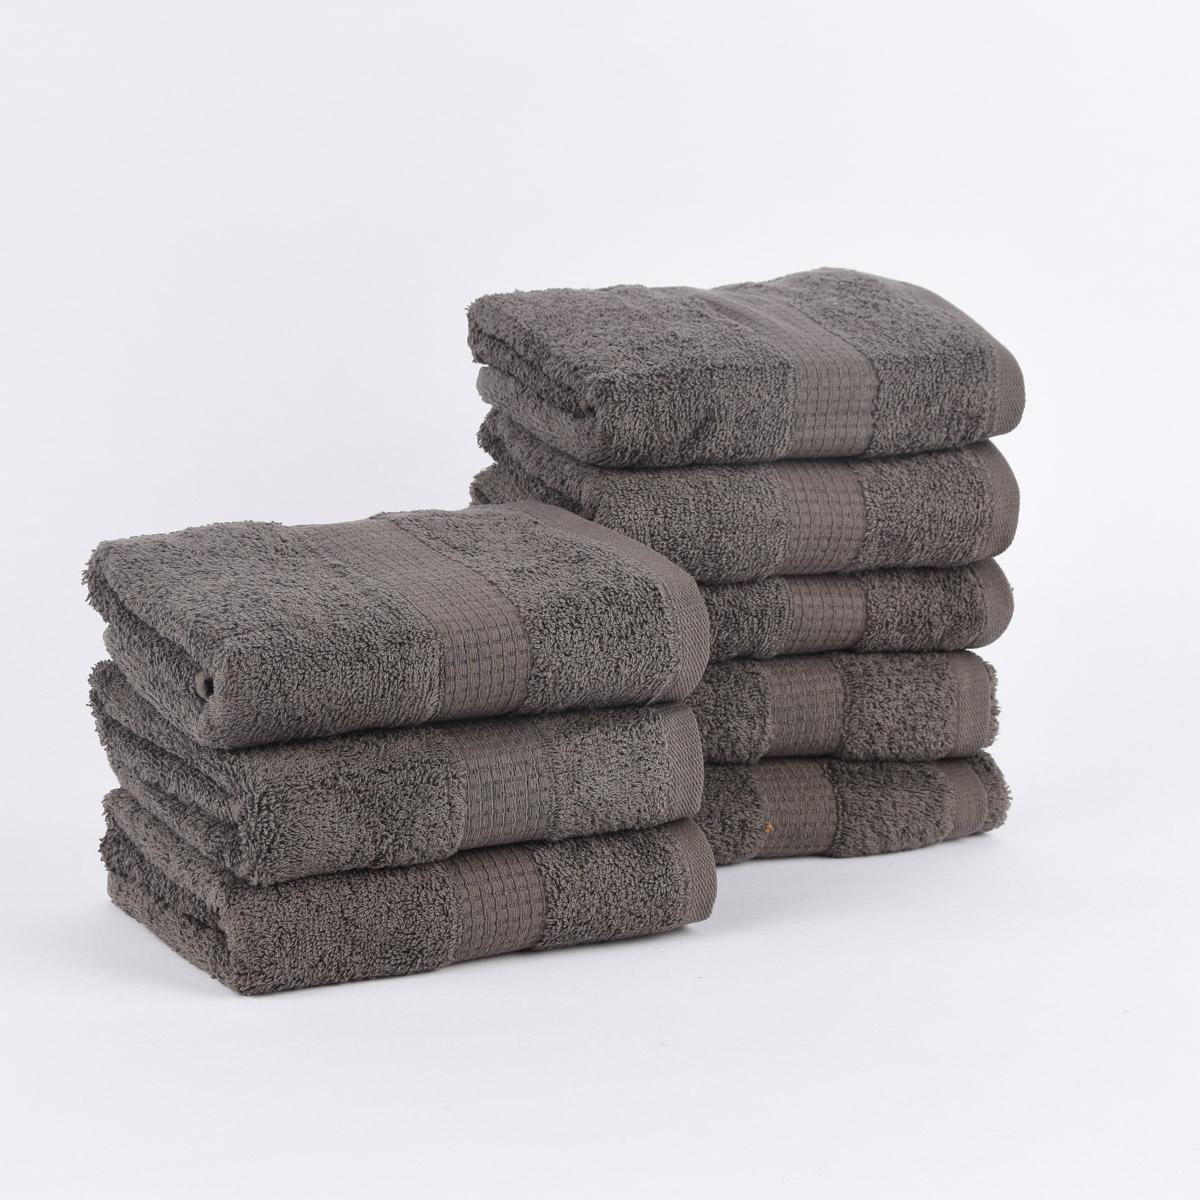 Qualitätsfrottee Handtuch 100/% Baumwolle 500g//qm orange